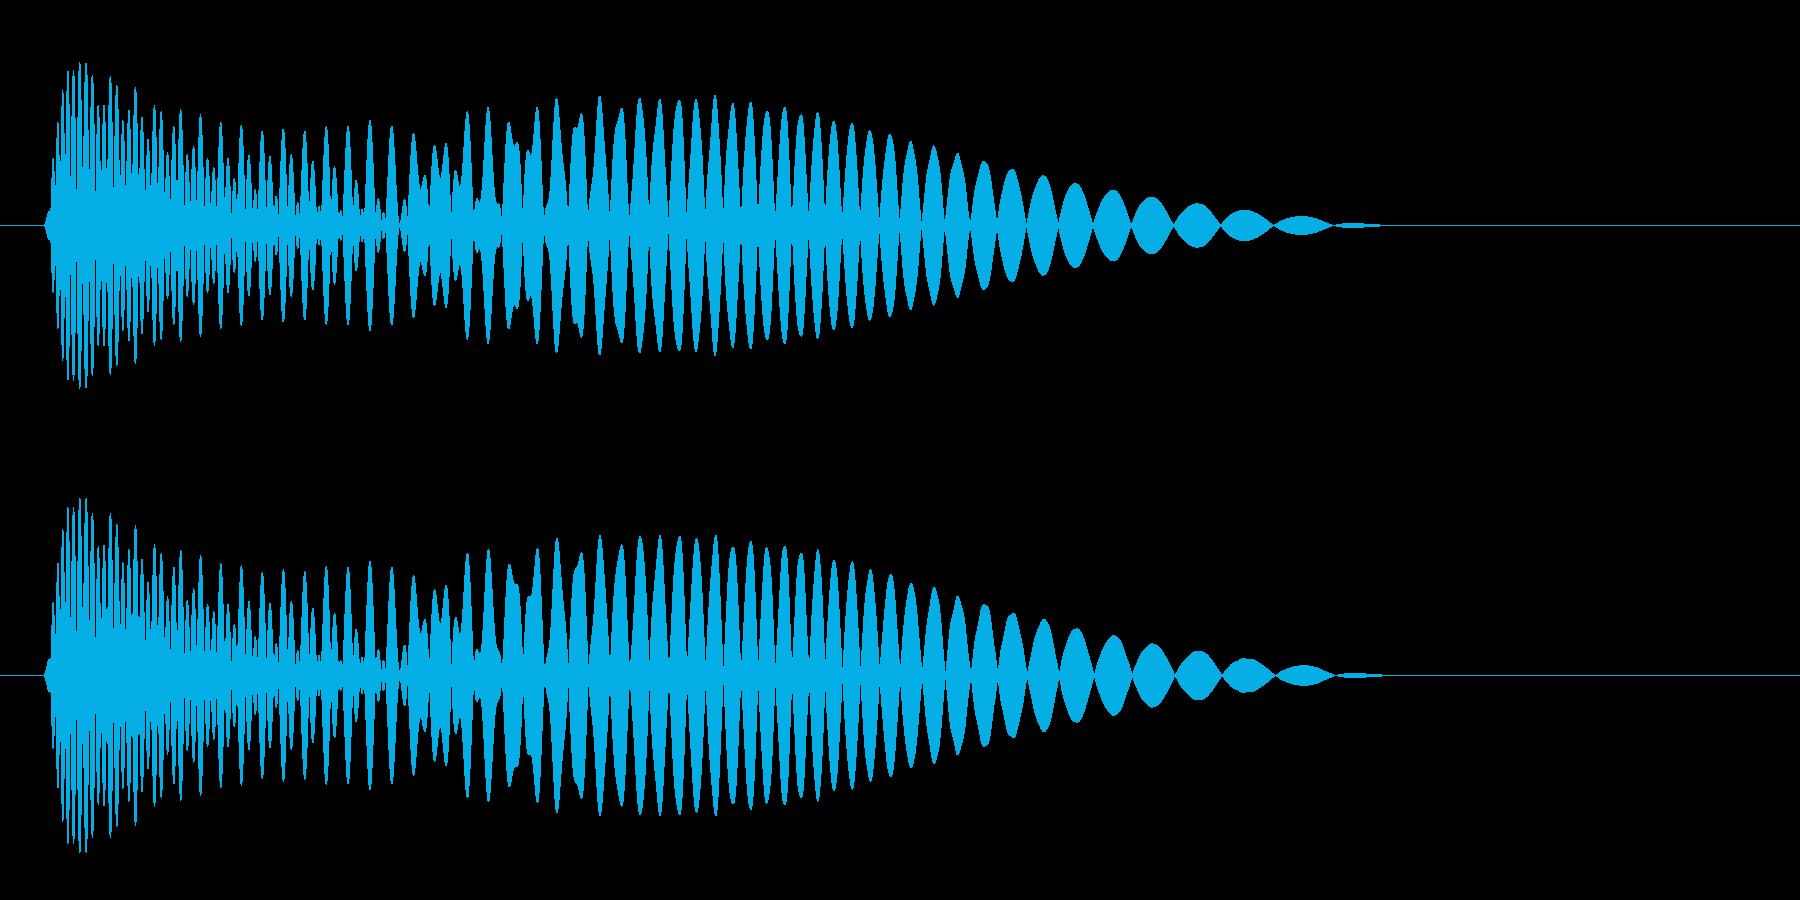 ポォォン(コミカル)の再生済みの波形